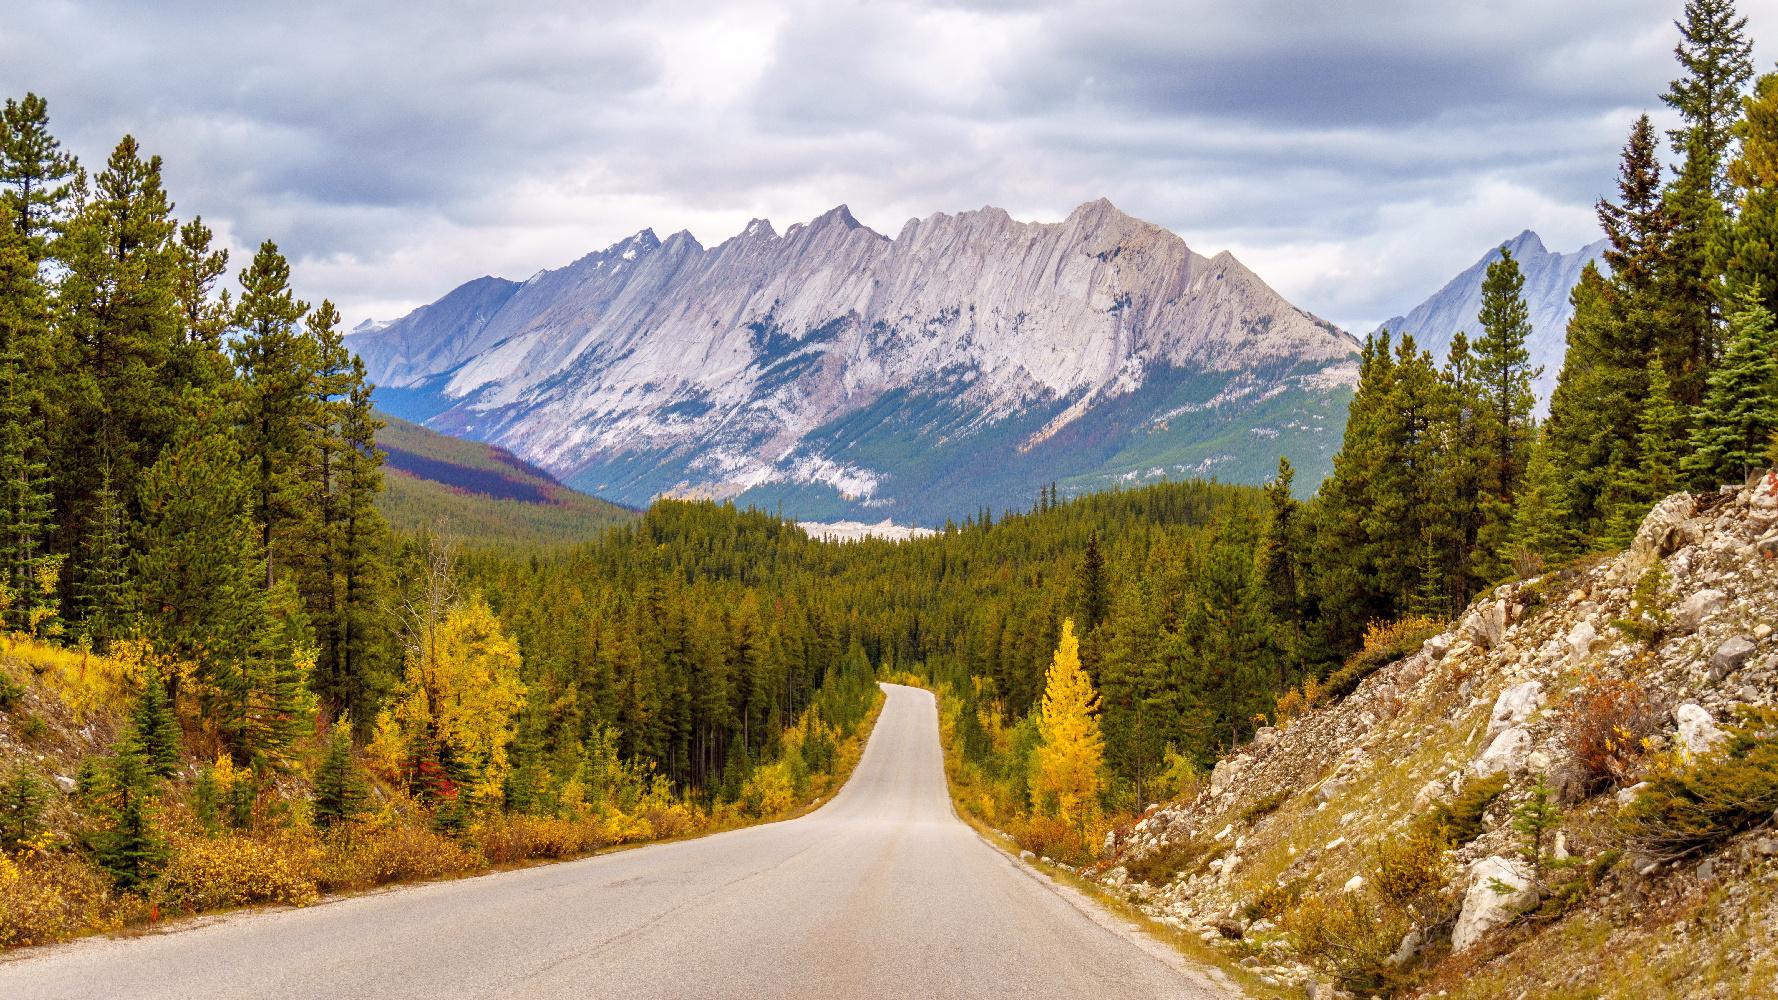 Colin Gebirge von Maligne Lake Road bei Jasper NP ©123RF